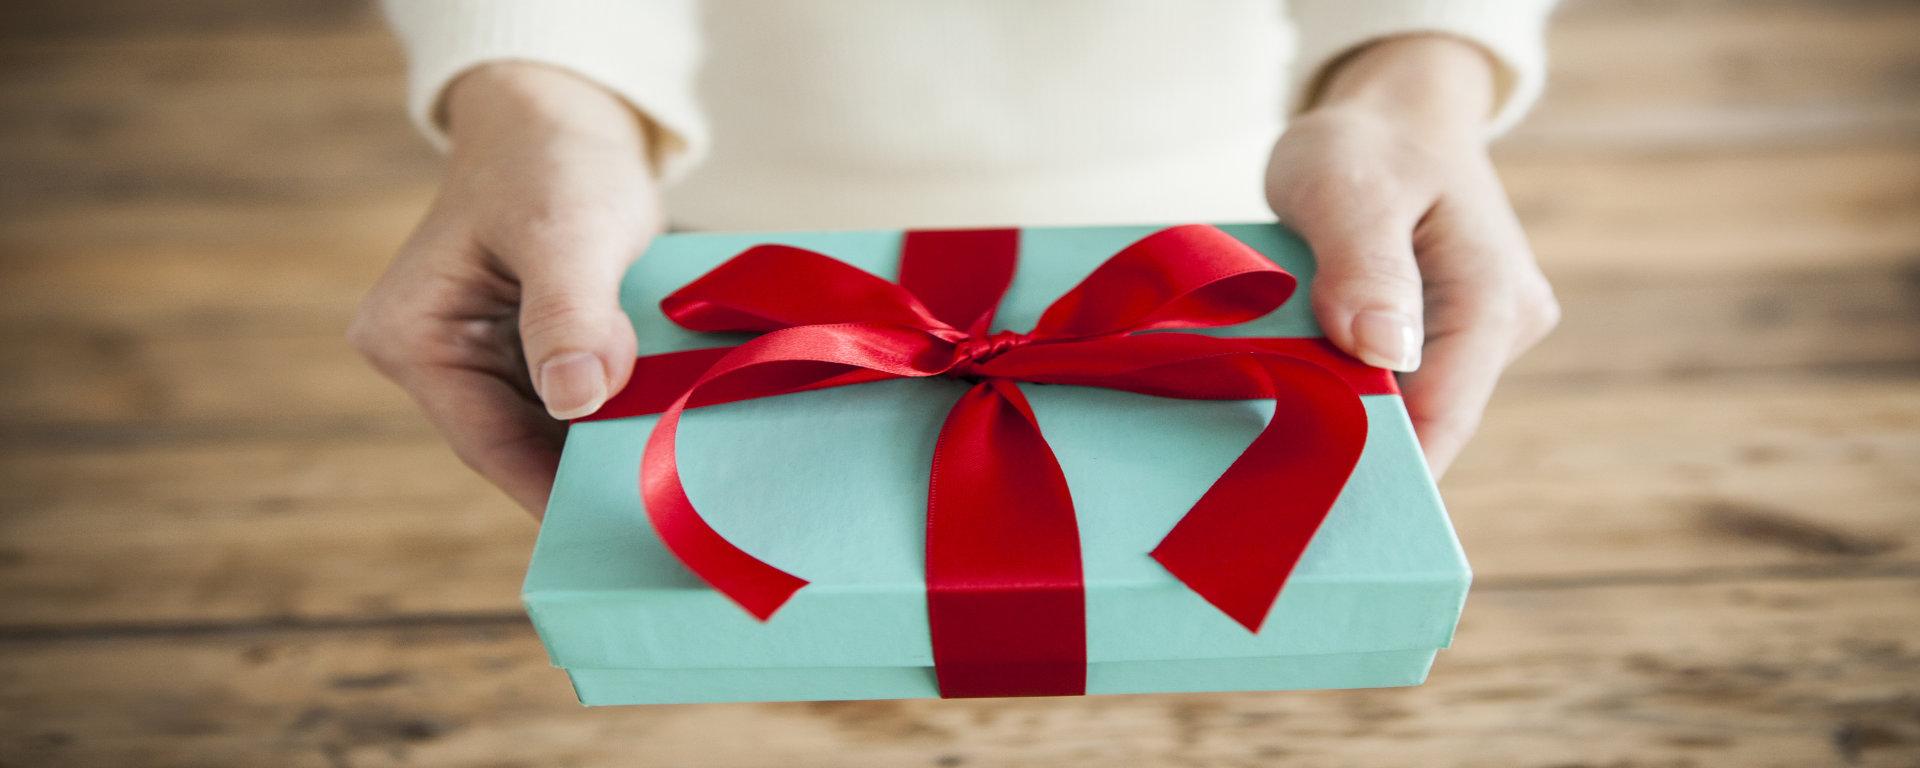 Geschenkidee Geschenkgutschein für ein Zimmer, Übernachtung, einen Kurzurlaub, eine Städtereise oder Frühstücks-Buffet im SAVOY Hotel Frankfurt/ Main